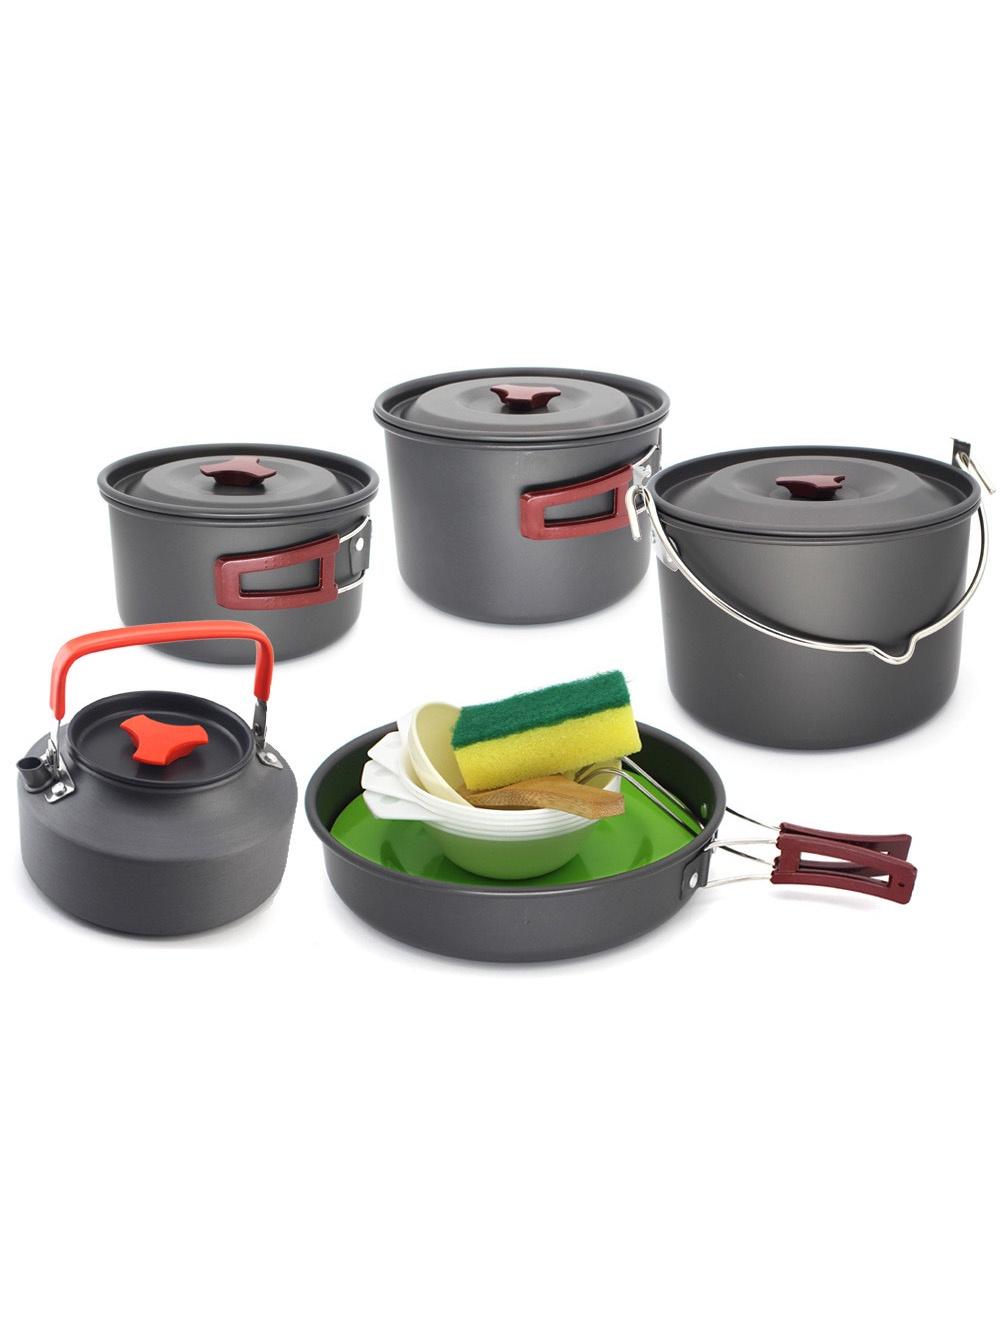 Туристический набор посуды для похода 12 предметов, компактный и легкий комплект походной посуды набор походной посуды tatonka picnic set 9 предметов